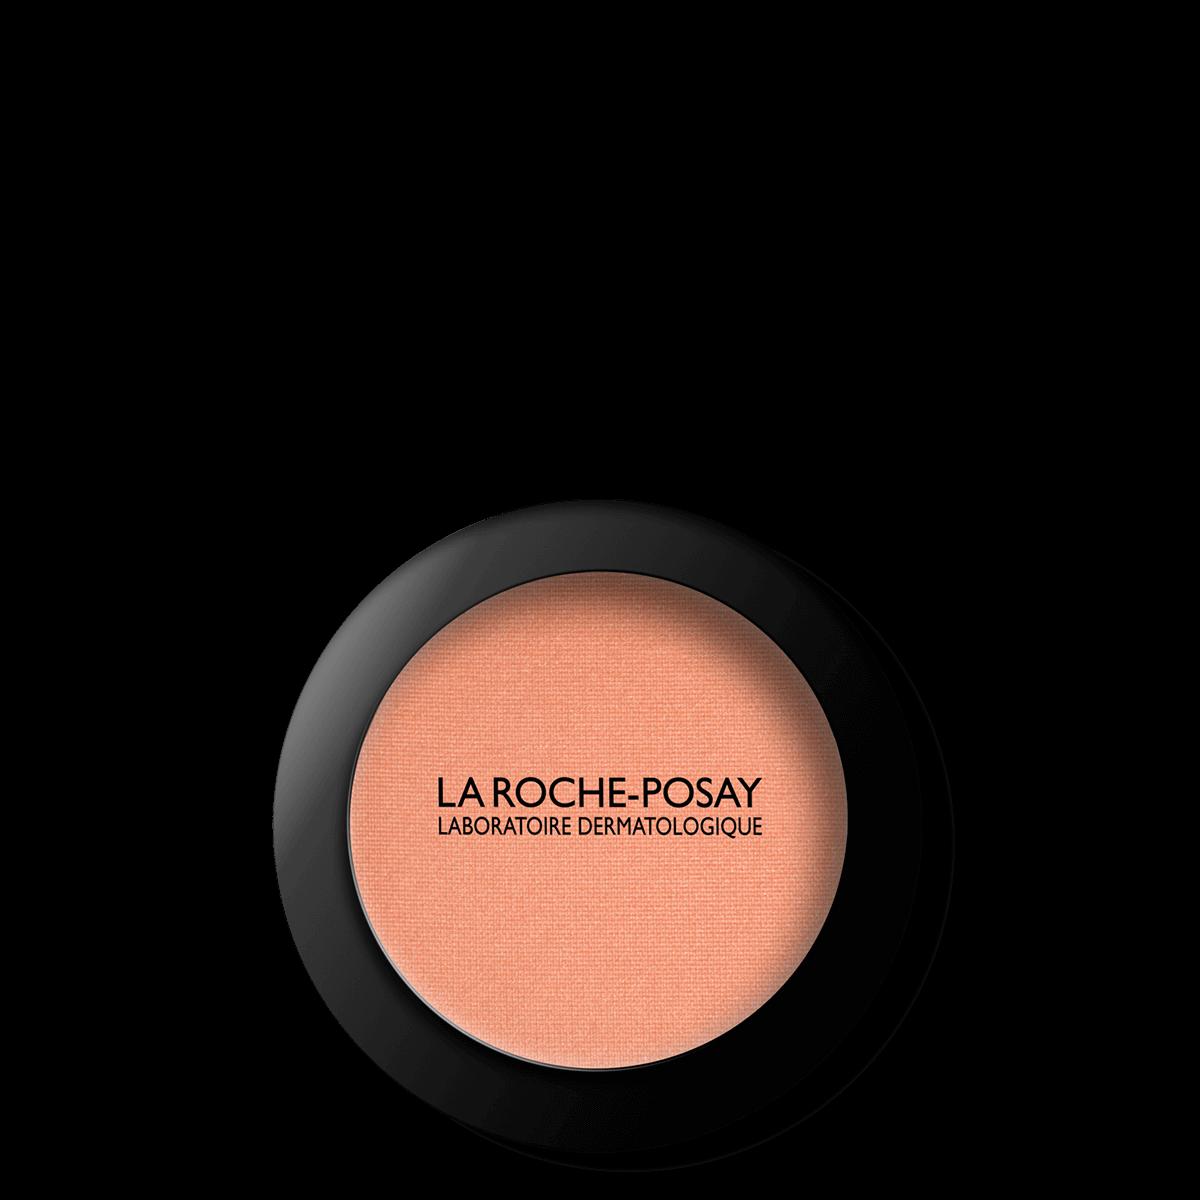 La Roche Posay Herkkä Toleriane Make up BLUSH CopperBronze 33378724